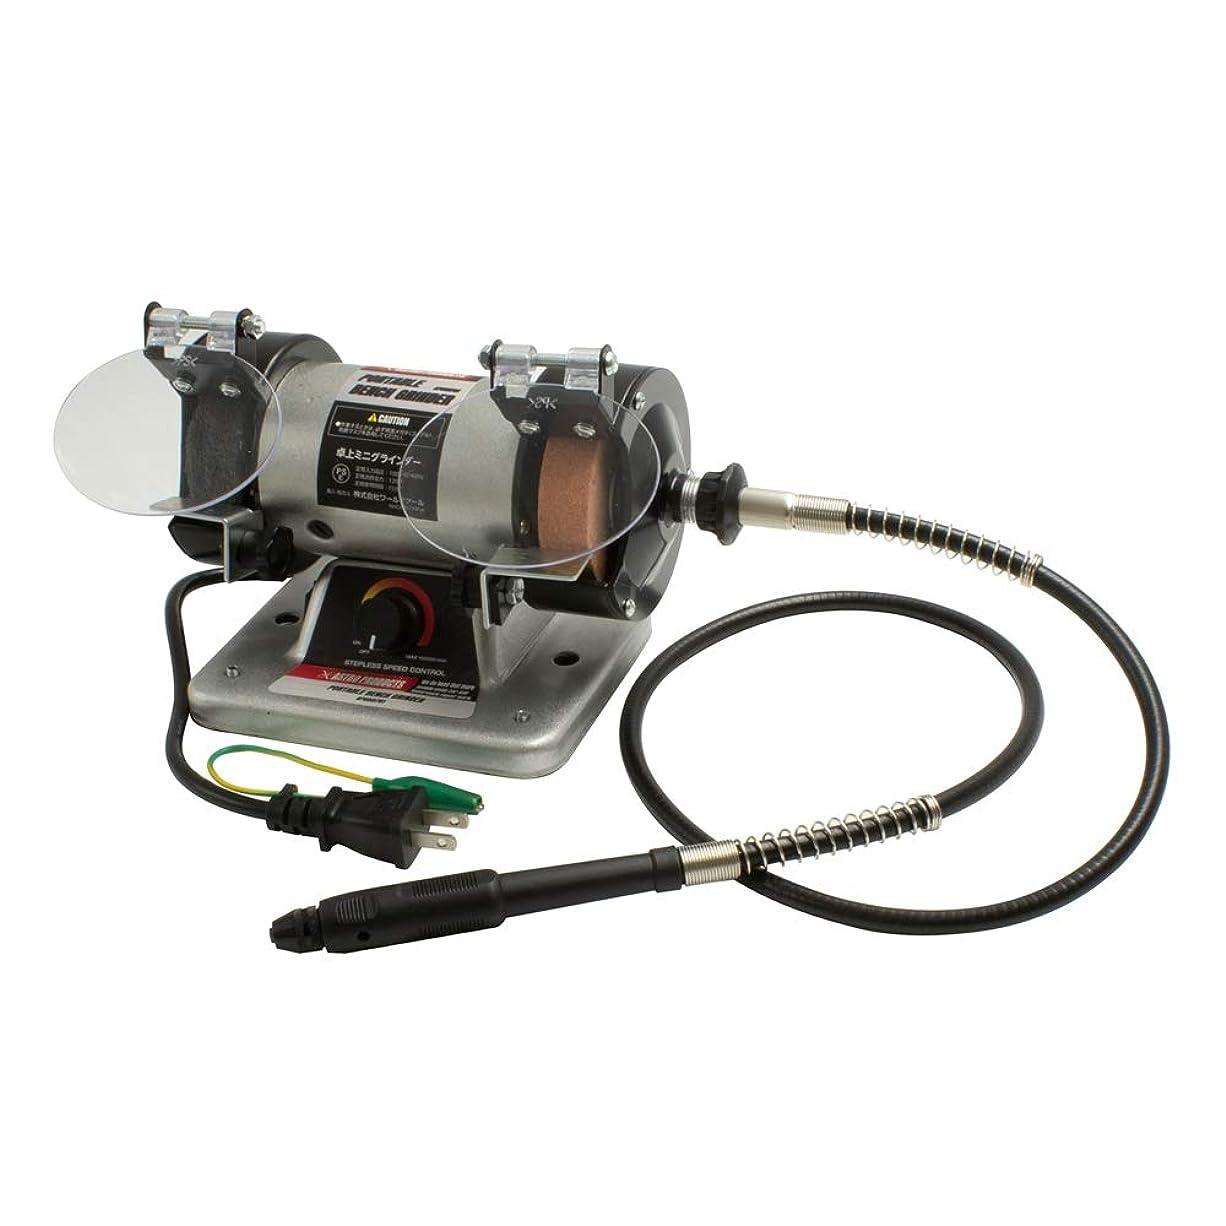 振幅固執指定AP 卓上ミニグラインダー |グラインダー 卓上 小型 電動 電動グラインダー 卓上グラインダー 切削 研磨 砥石 リューター ペンシルリューダー 電気 電動リューター